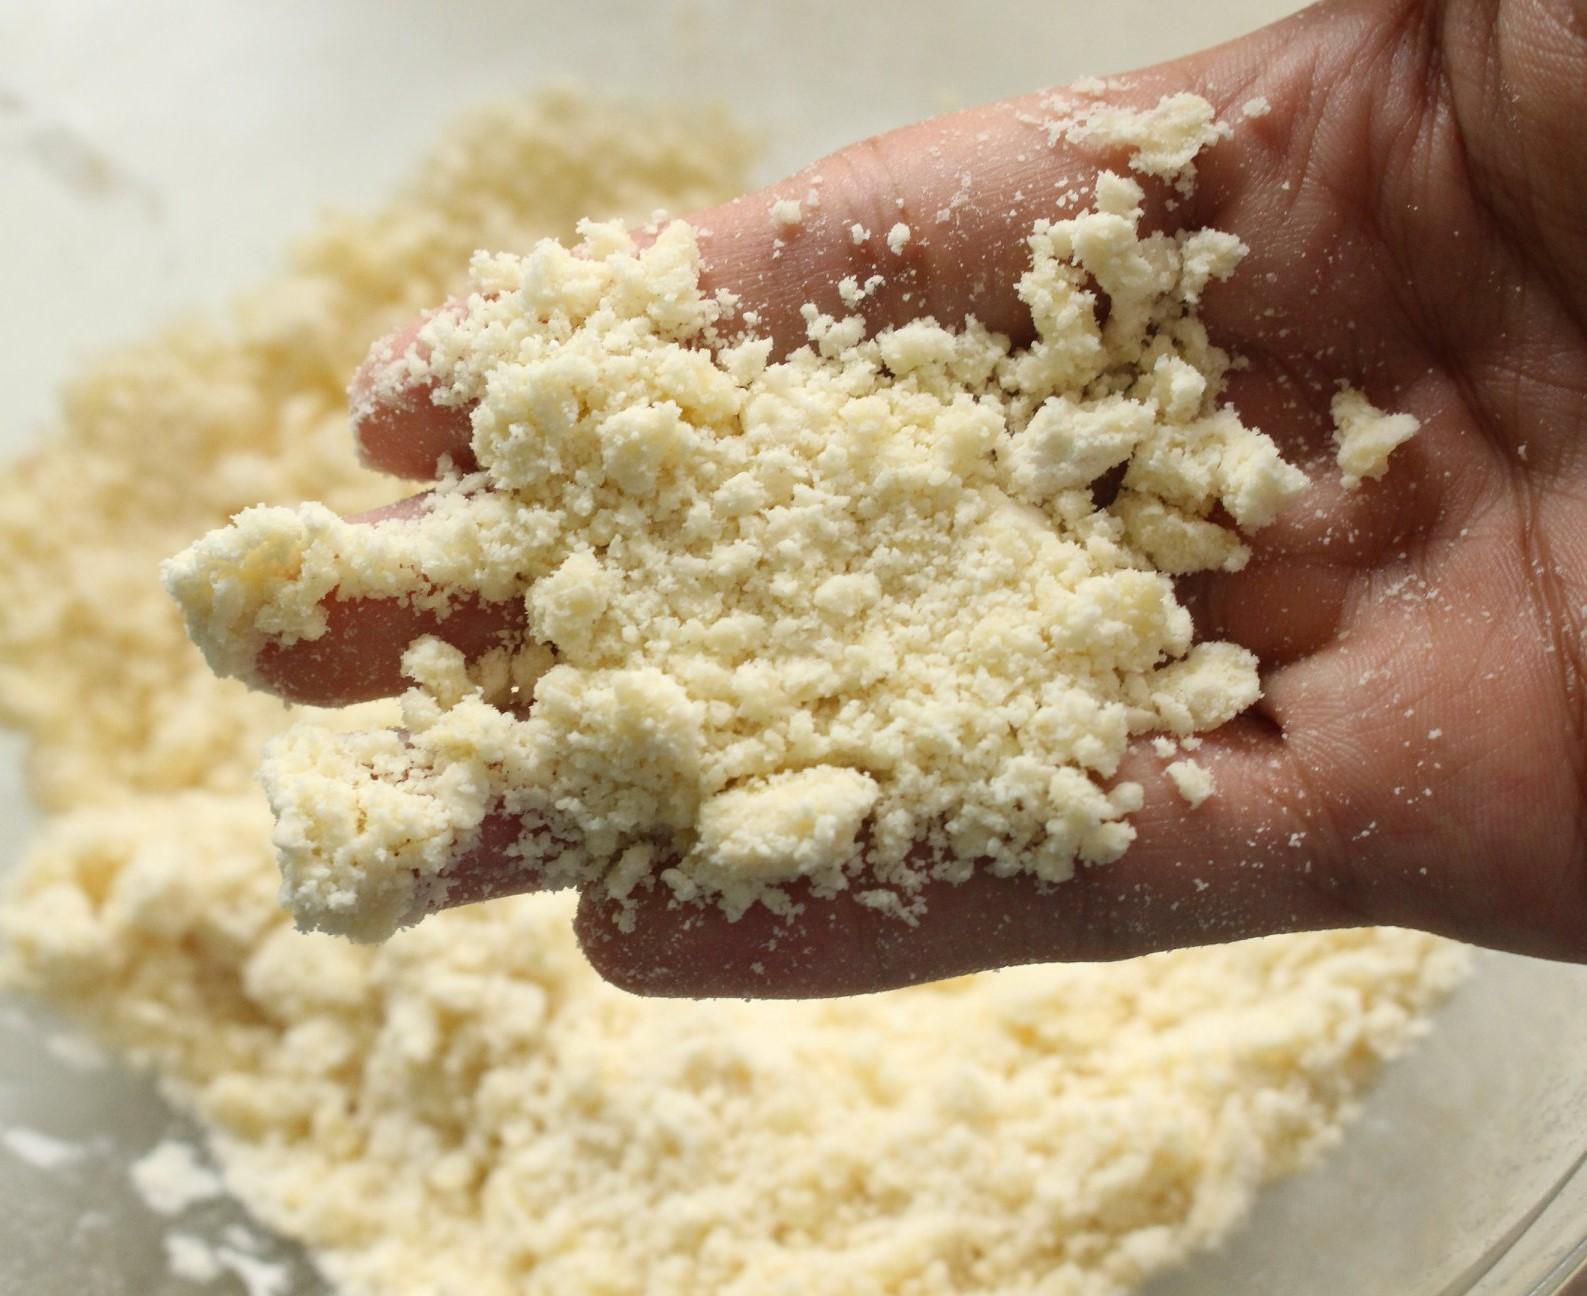 Cách làm bánh táo kem hạnh nhân 4 cách làm bánh táo kem hạnh nhân Cách làm bánh táo kem hạnh nhân chua ngon vô ngần cach lam banh tao kem hanh nhan 4